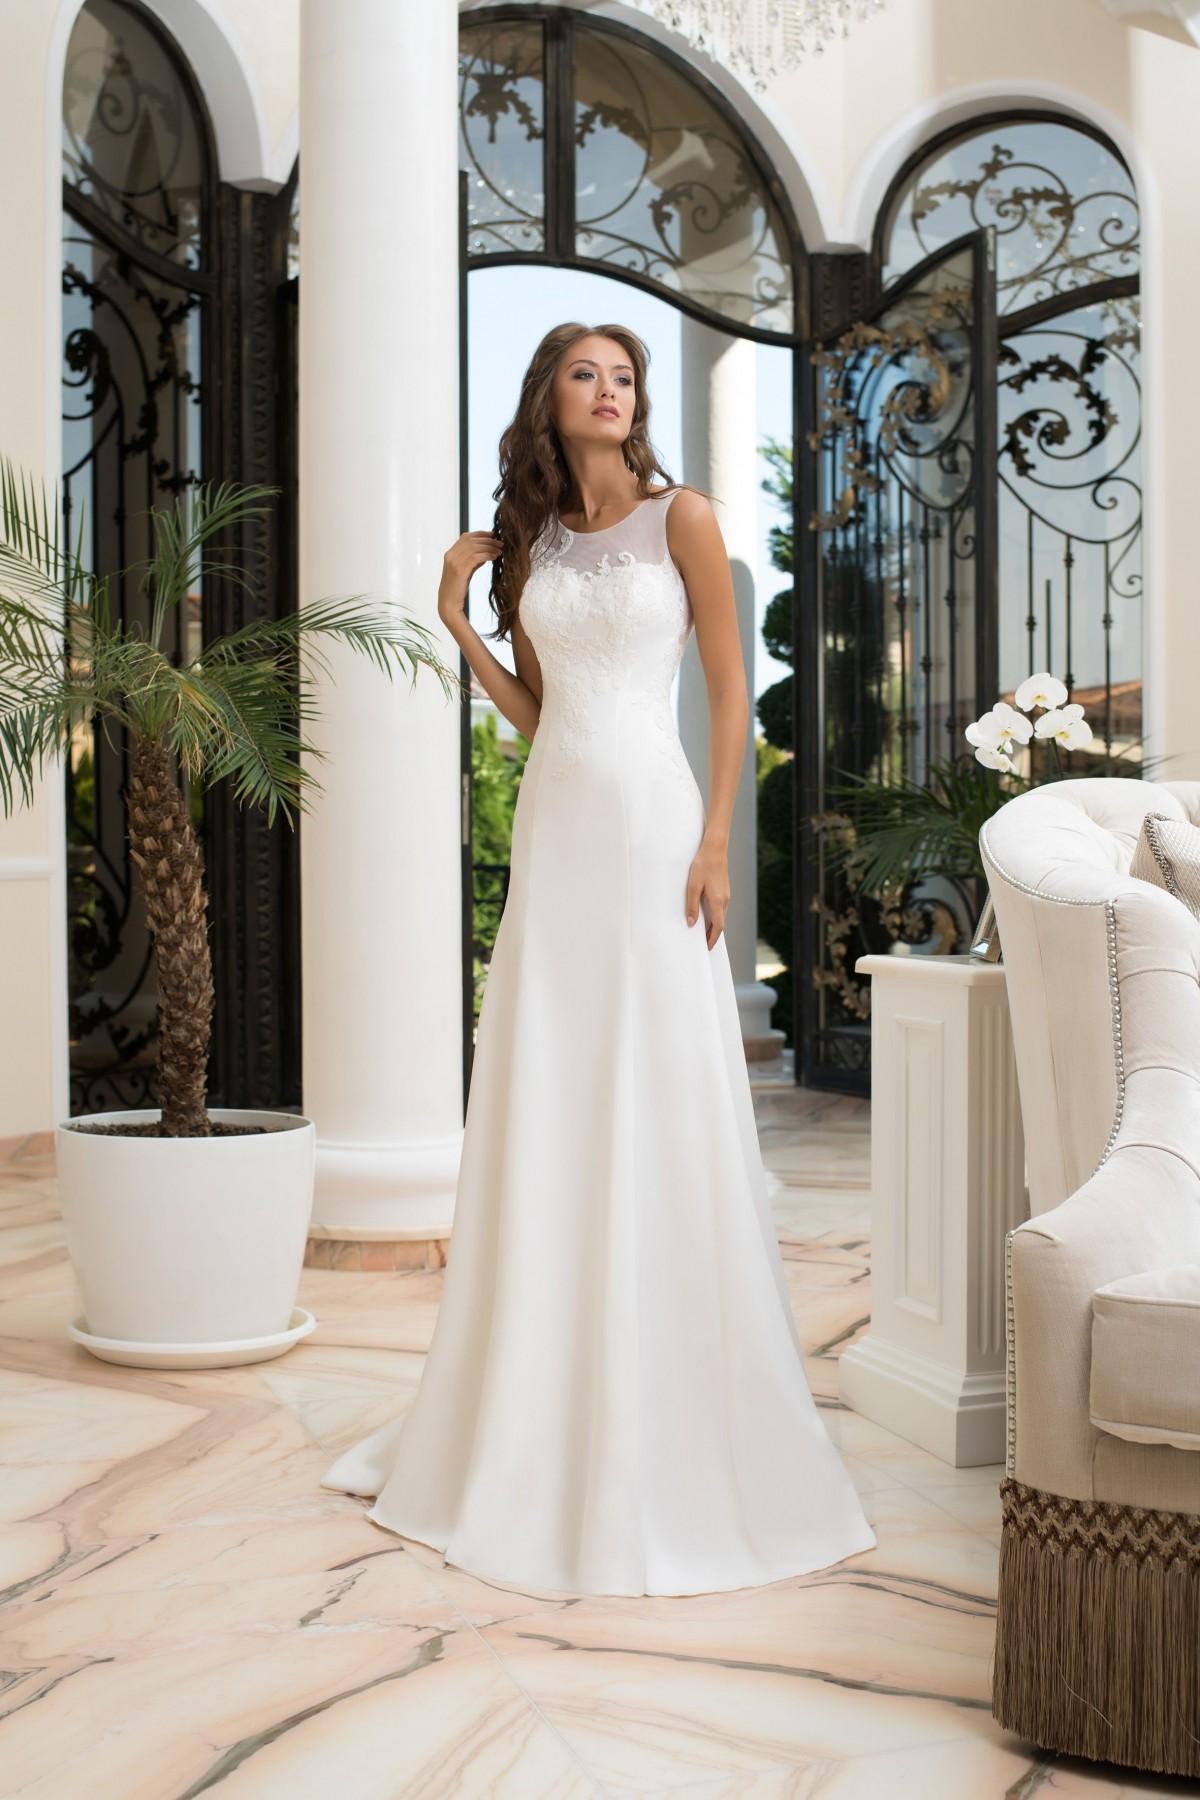 c3f49f2b57d1 Tento model môžete ihneď skúšať alebo zakúpiť vo veľkosti 38 v bielej farbe  vo Svadobnom centre EvaMária v Seredi na M. R. Štefánika 9. Svadobné šaty  Brenda ...